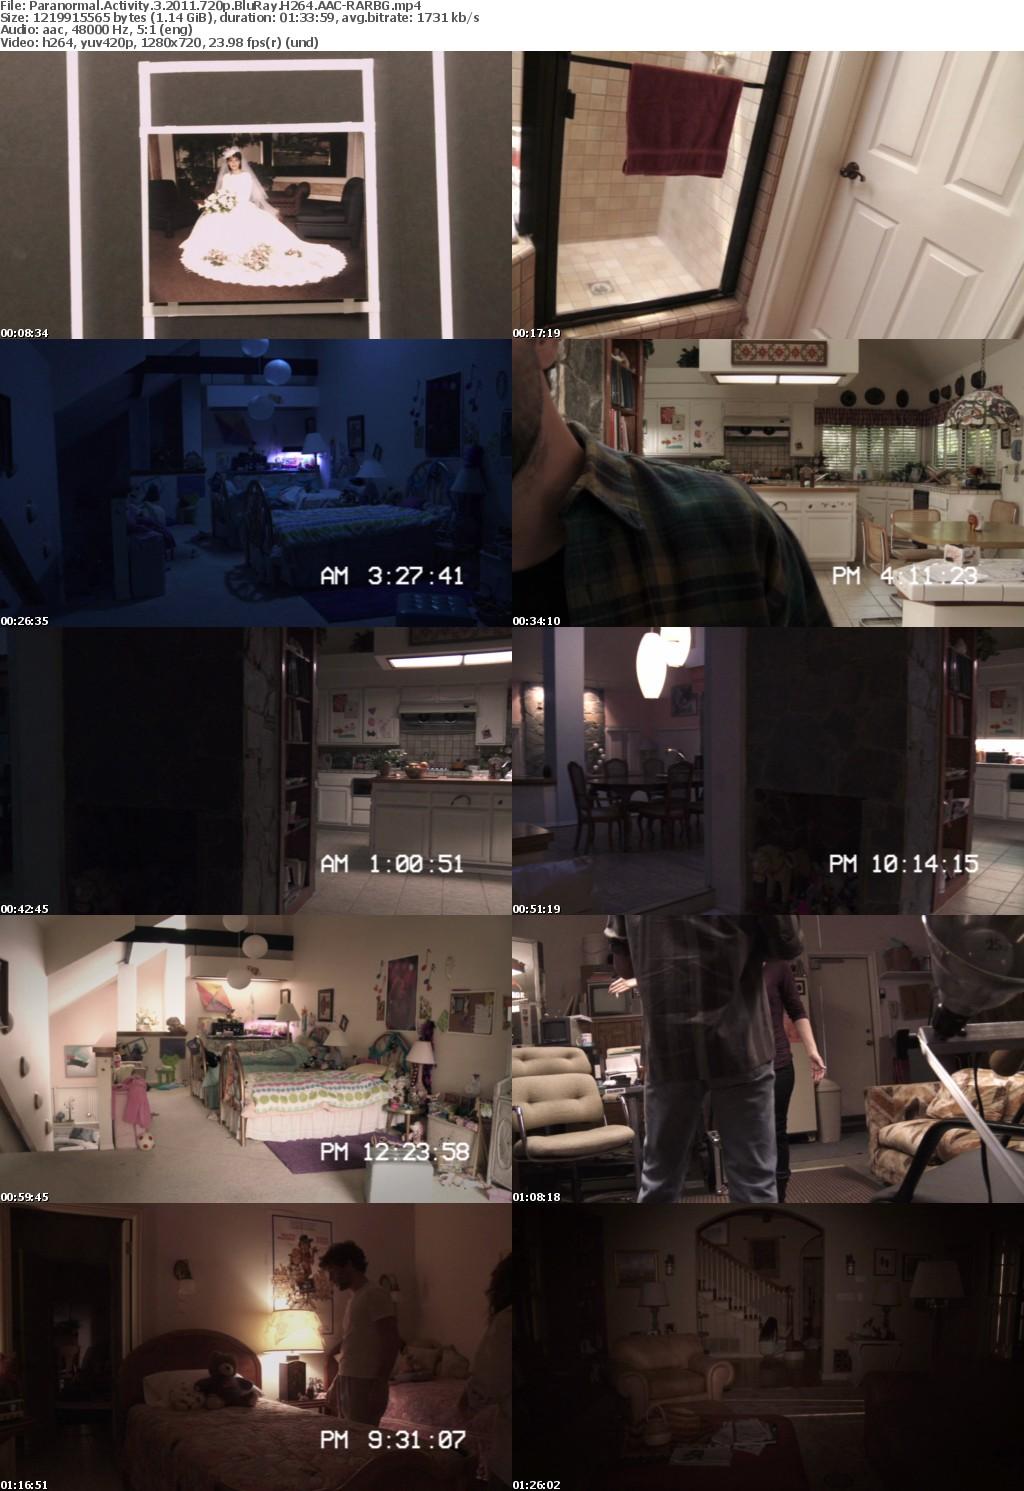 Paranormal Activity 3 (2011) 720p BluRay H264 AAC-RARBG